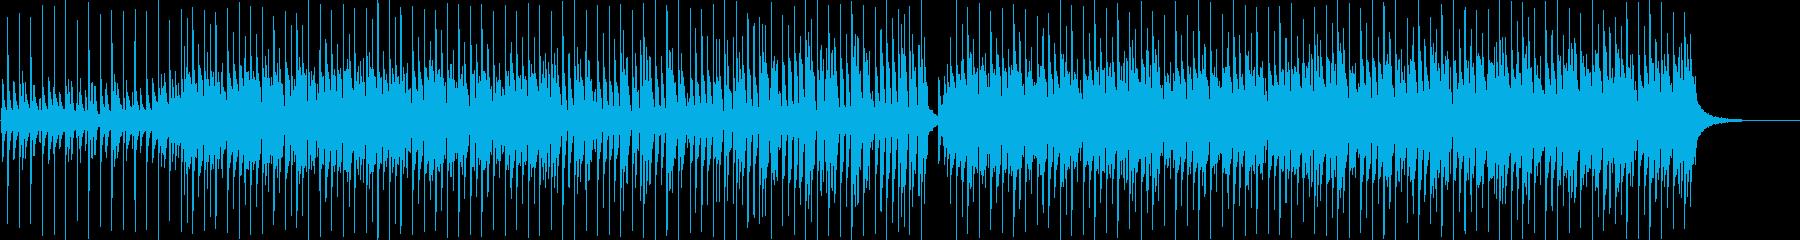 軽快・ほのぼの・ウクレレの再生済みの波形